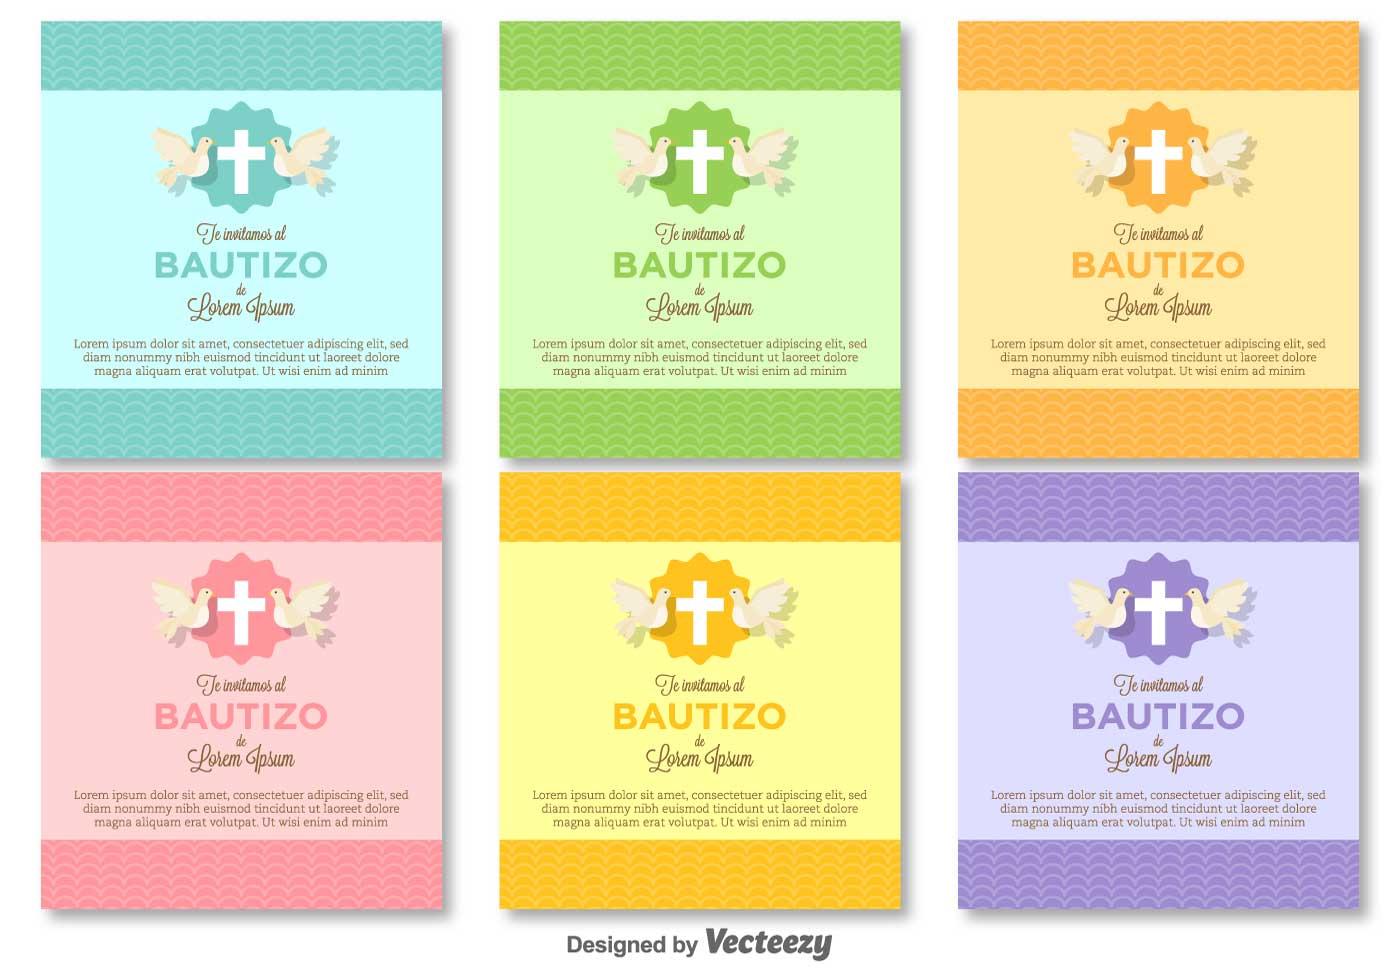 Bautizo Vector Invitations Blank Template Download Free